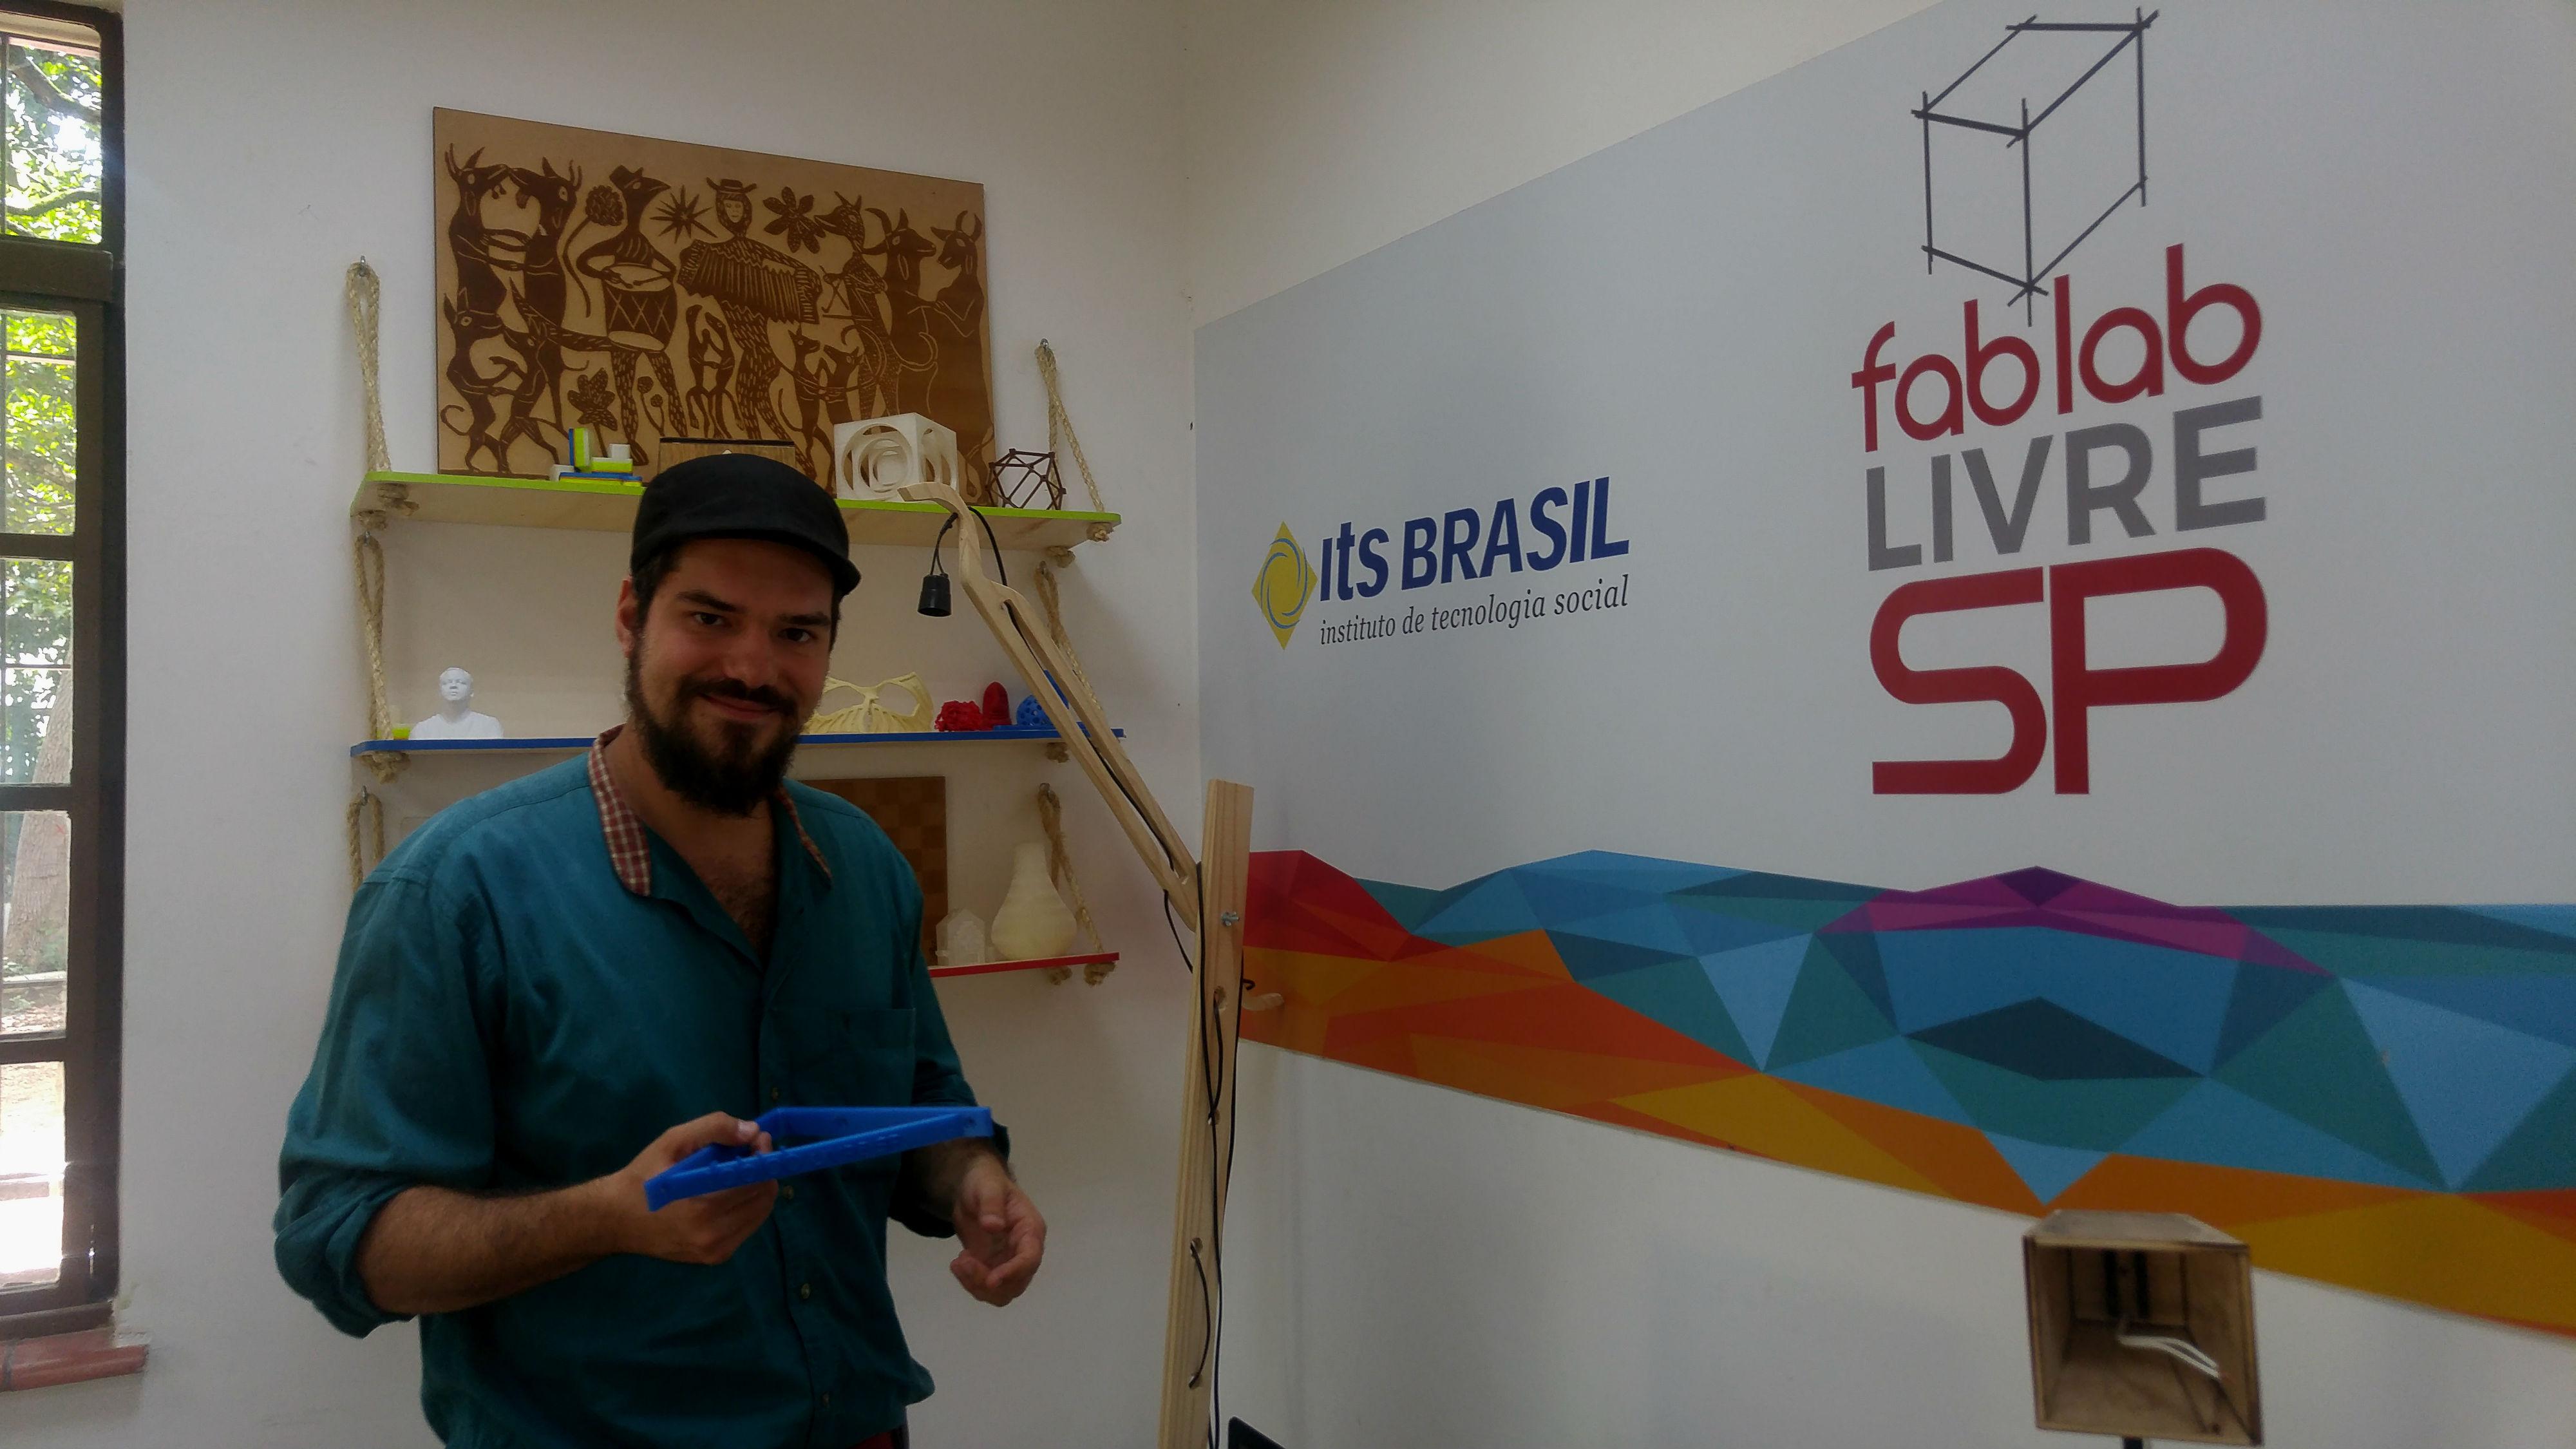 Imagem mostra Lucas Schlosinski usando uma boina. Ao fundo se lê Fab Lab SP